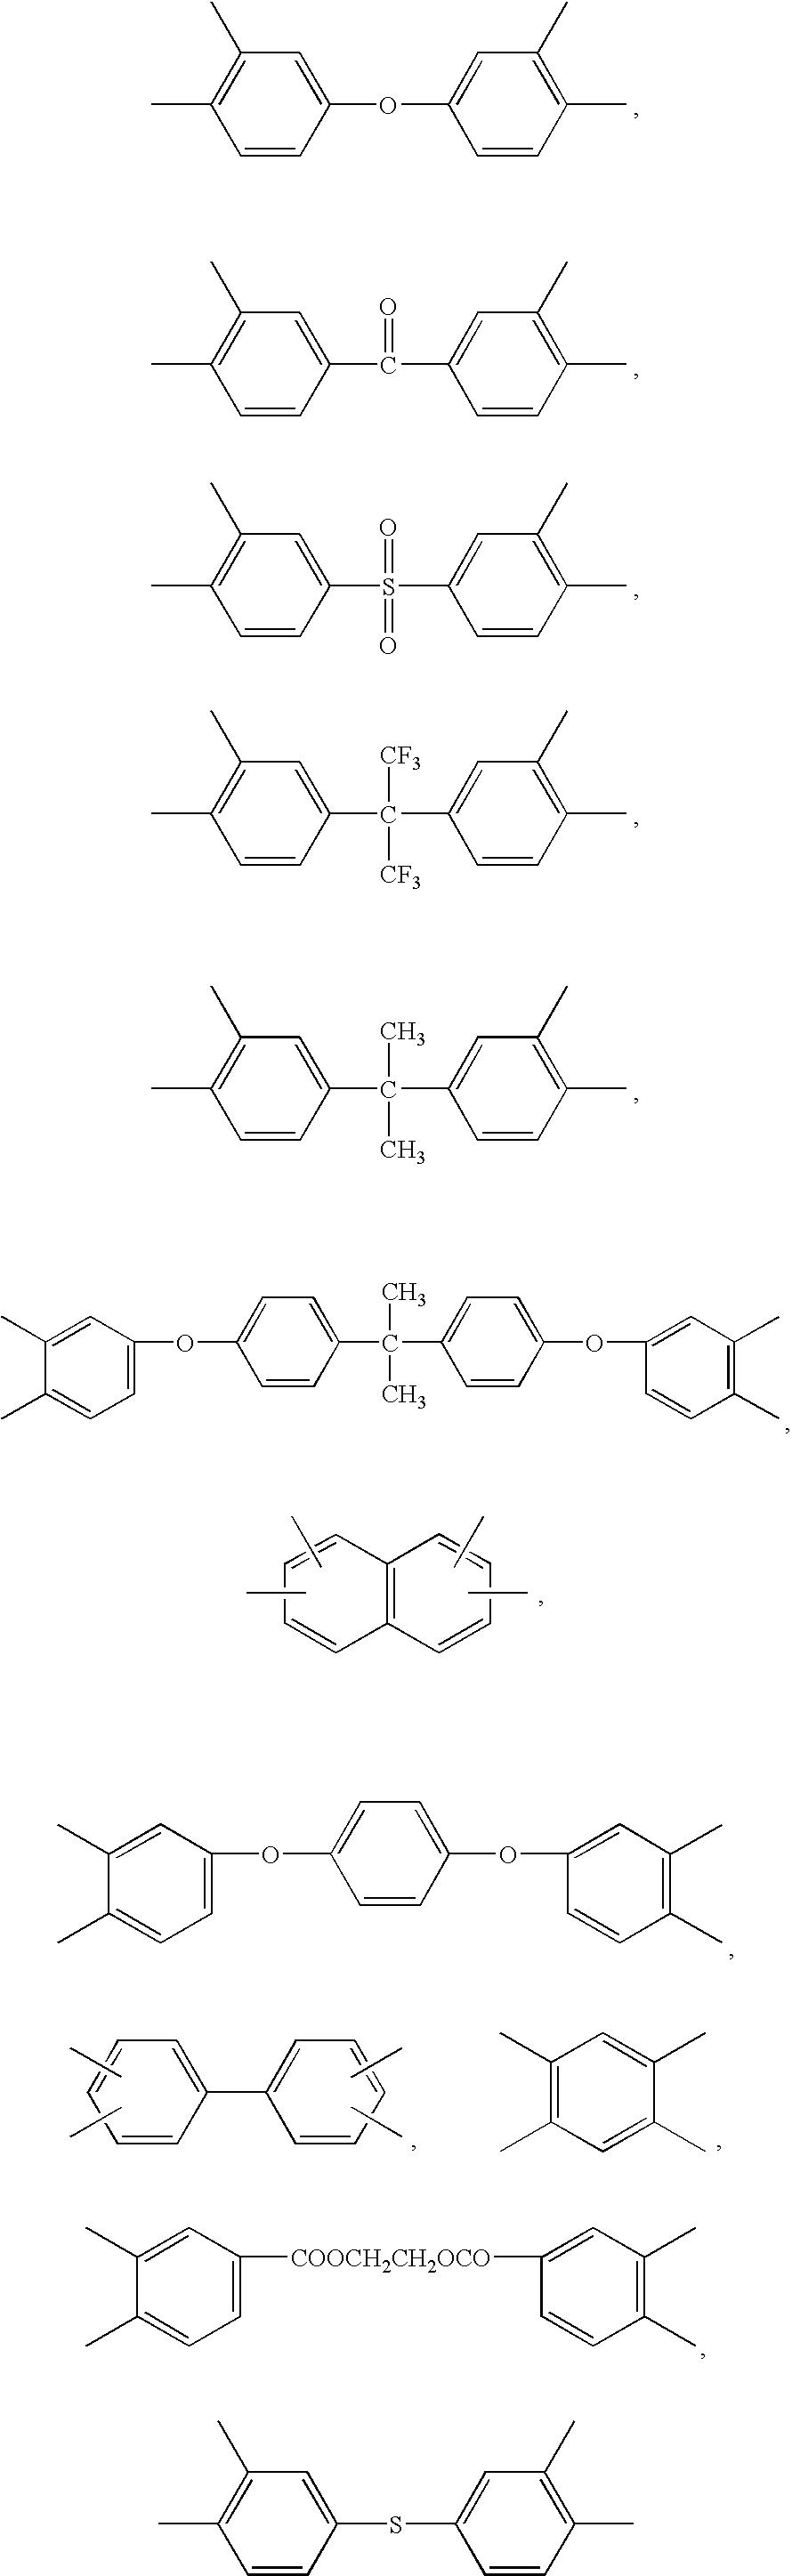 Figure US20100242723A1-20100930-C00012